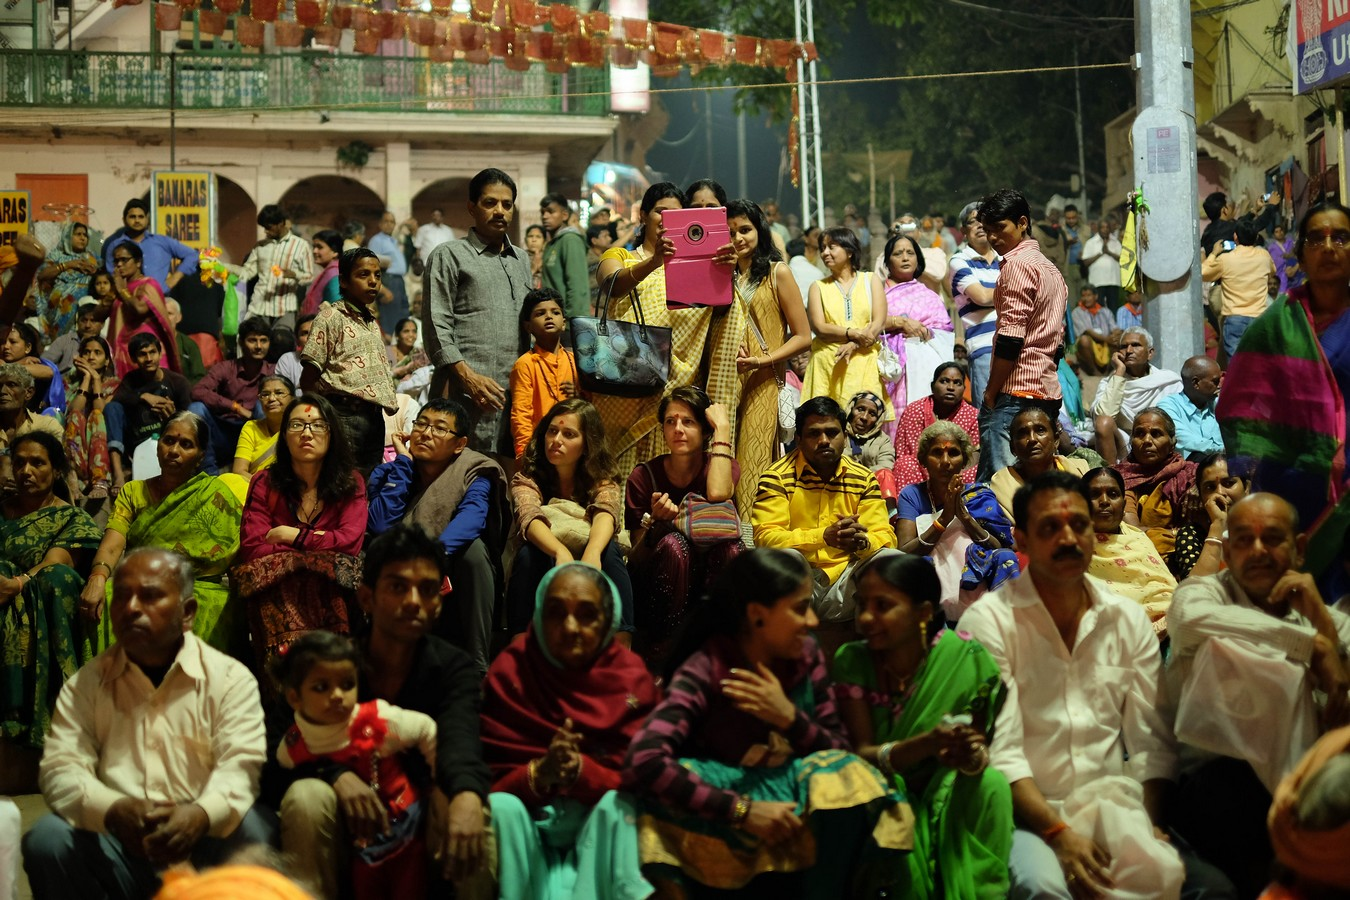 Public nombreux à la Puja de Varanasi